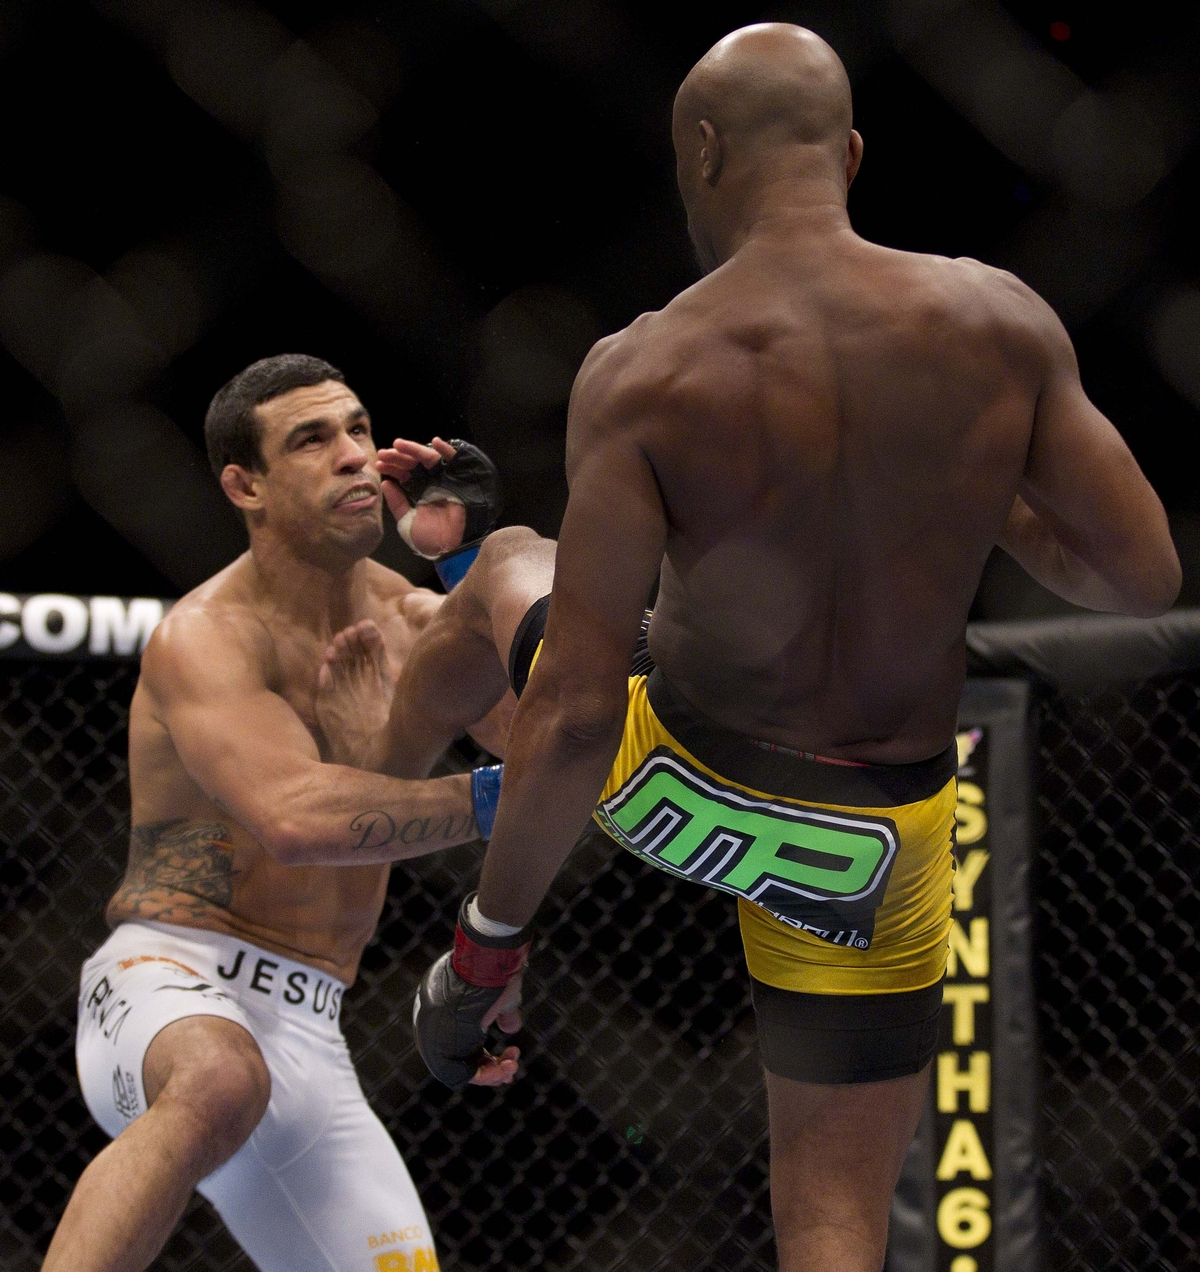 video review : Anderson Silva versus Vitor Belfort at UFC 126